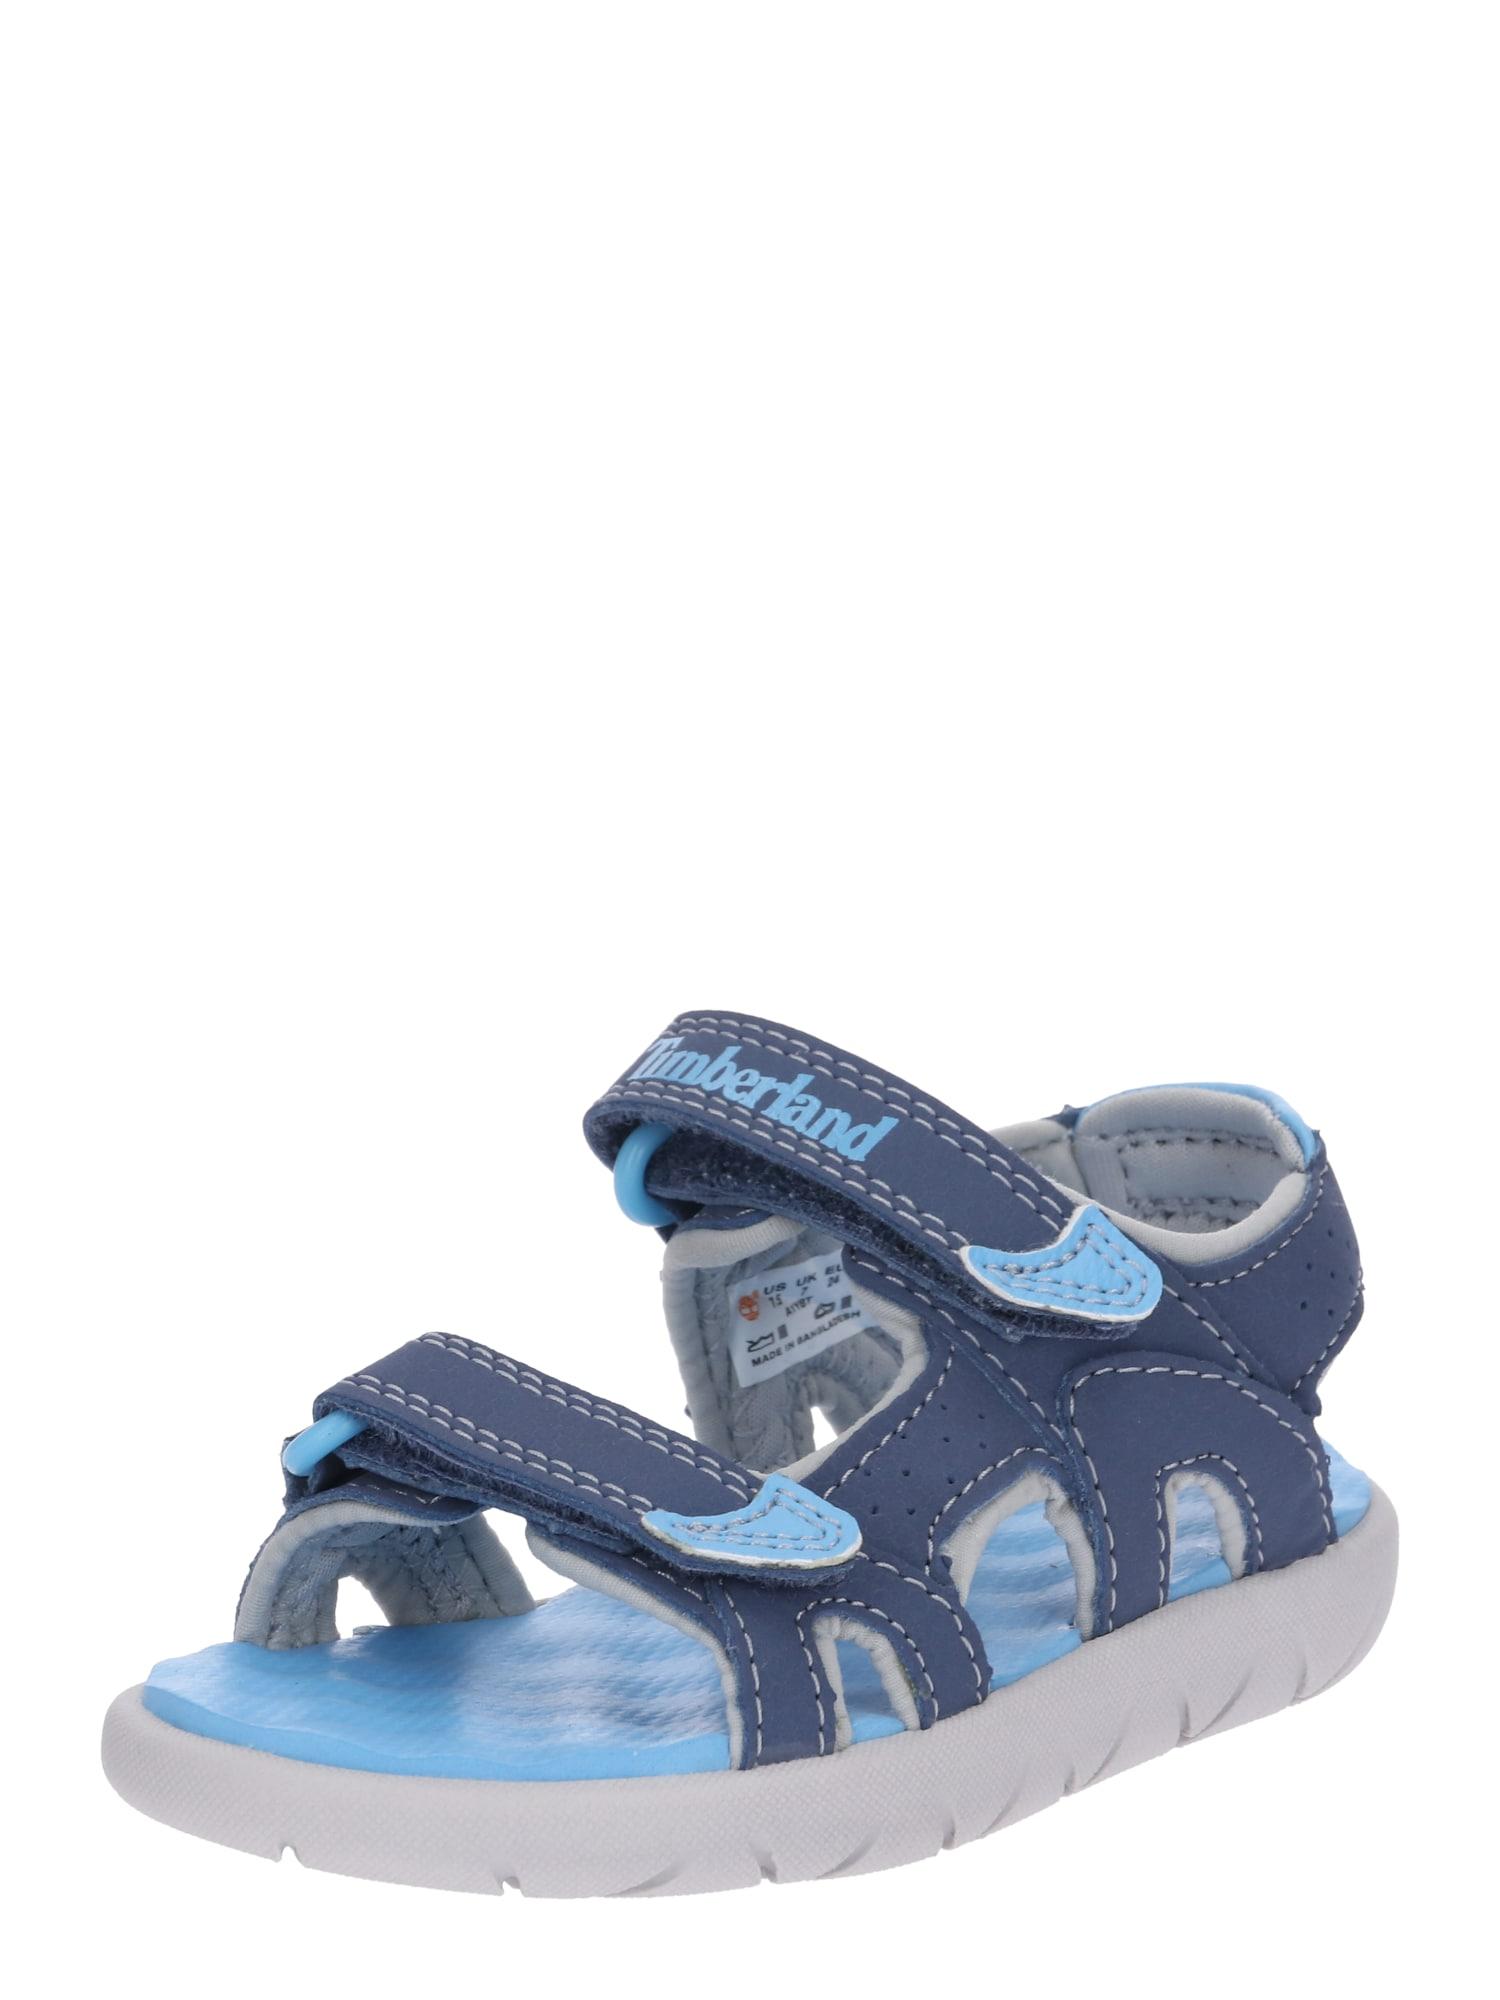 Otevřená obuv Perkins modrá světlemodrá TIMBERLAND